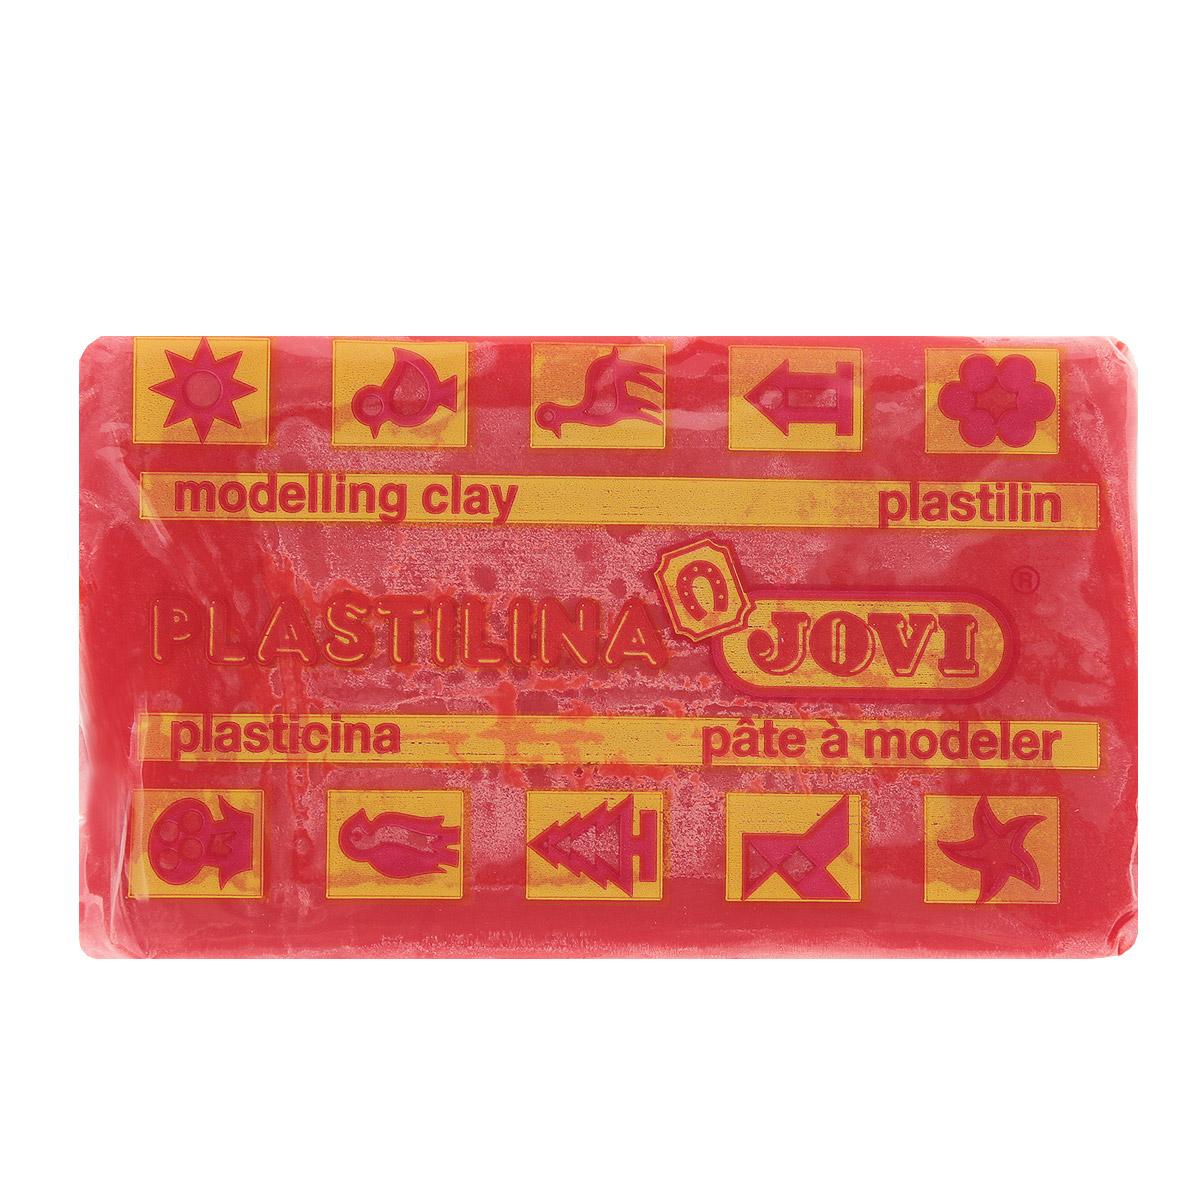 Jovi Пластилин, цвет: красный, 50 г70/30U_синийПластилин Jovi - лучший выбор для лепки, он обладает превосходными изобразительными возможностями и поэтому дает простор воображению и самым смелым творческим замыслам. Пластилин, изготовленный на растительной основе, очень мягкий, легко разминается и смешивается, не пачкает руки и не прилипает к рабочей поверхности. Пластилин пригоден для создания аппликаций и поделок, ручной лепки, моделирования на каркасе, пластилиновой живописи - рисовании пластилином по бумаге, картону, дереву или текстилю. Пластические свойства сохраняются в течение 5 лет.